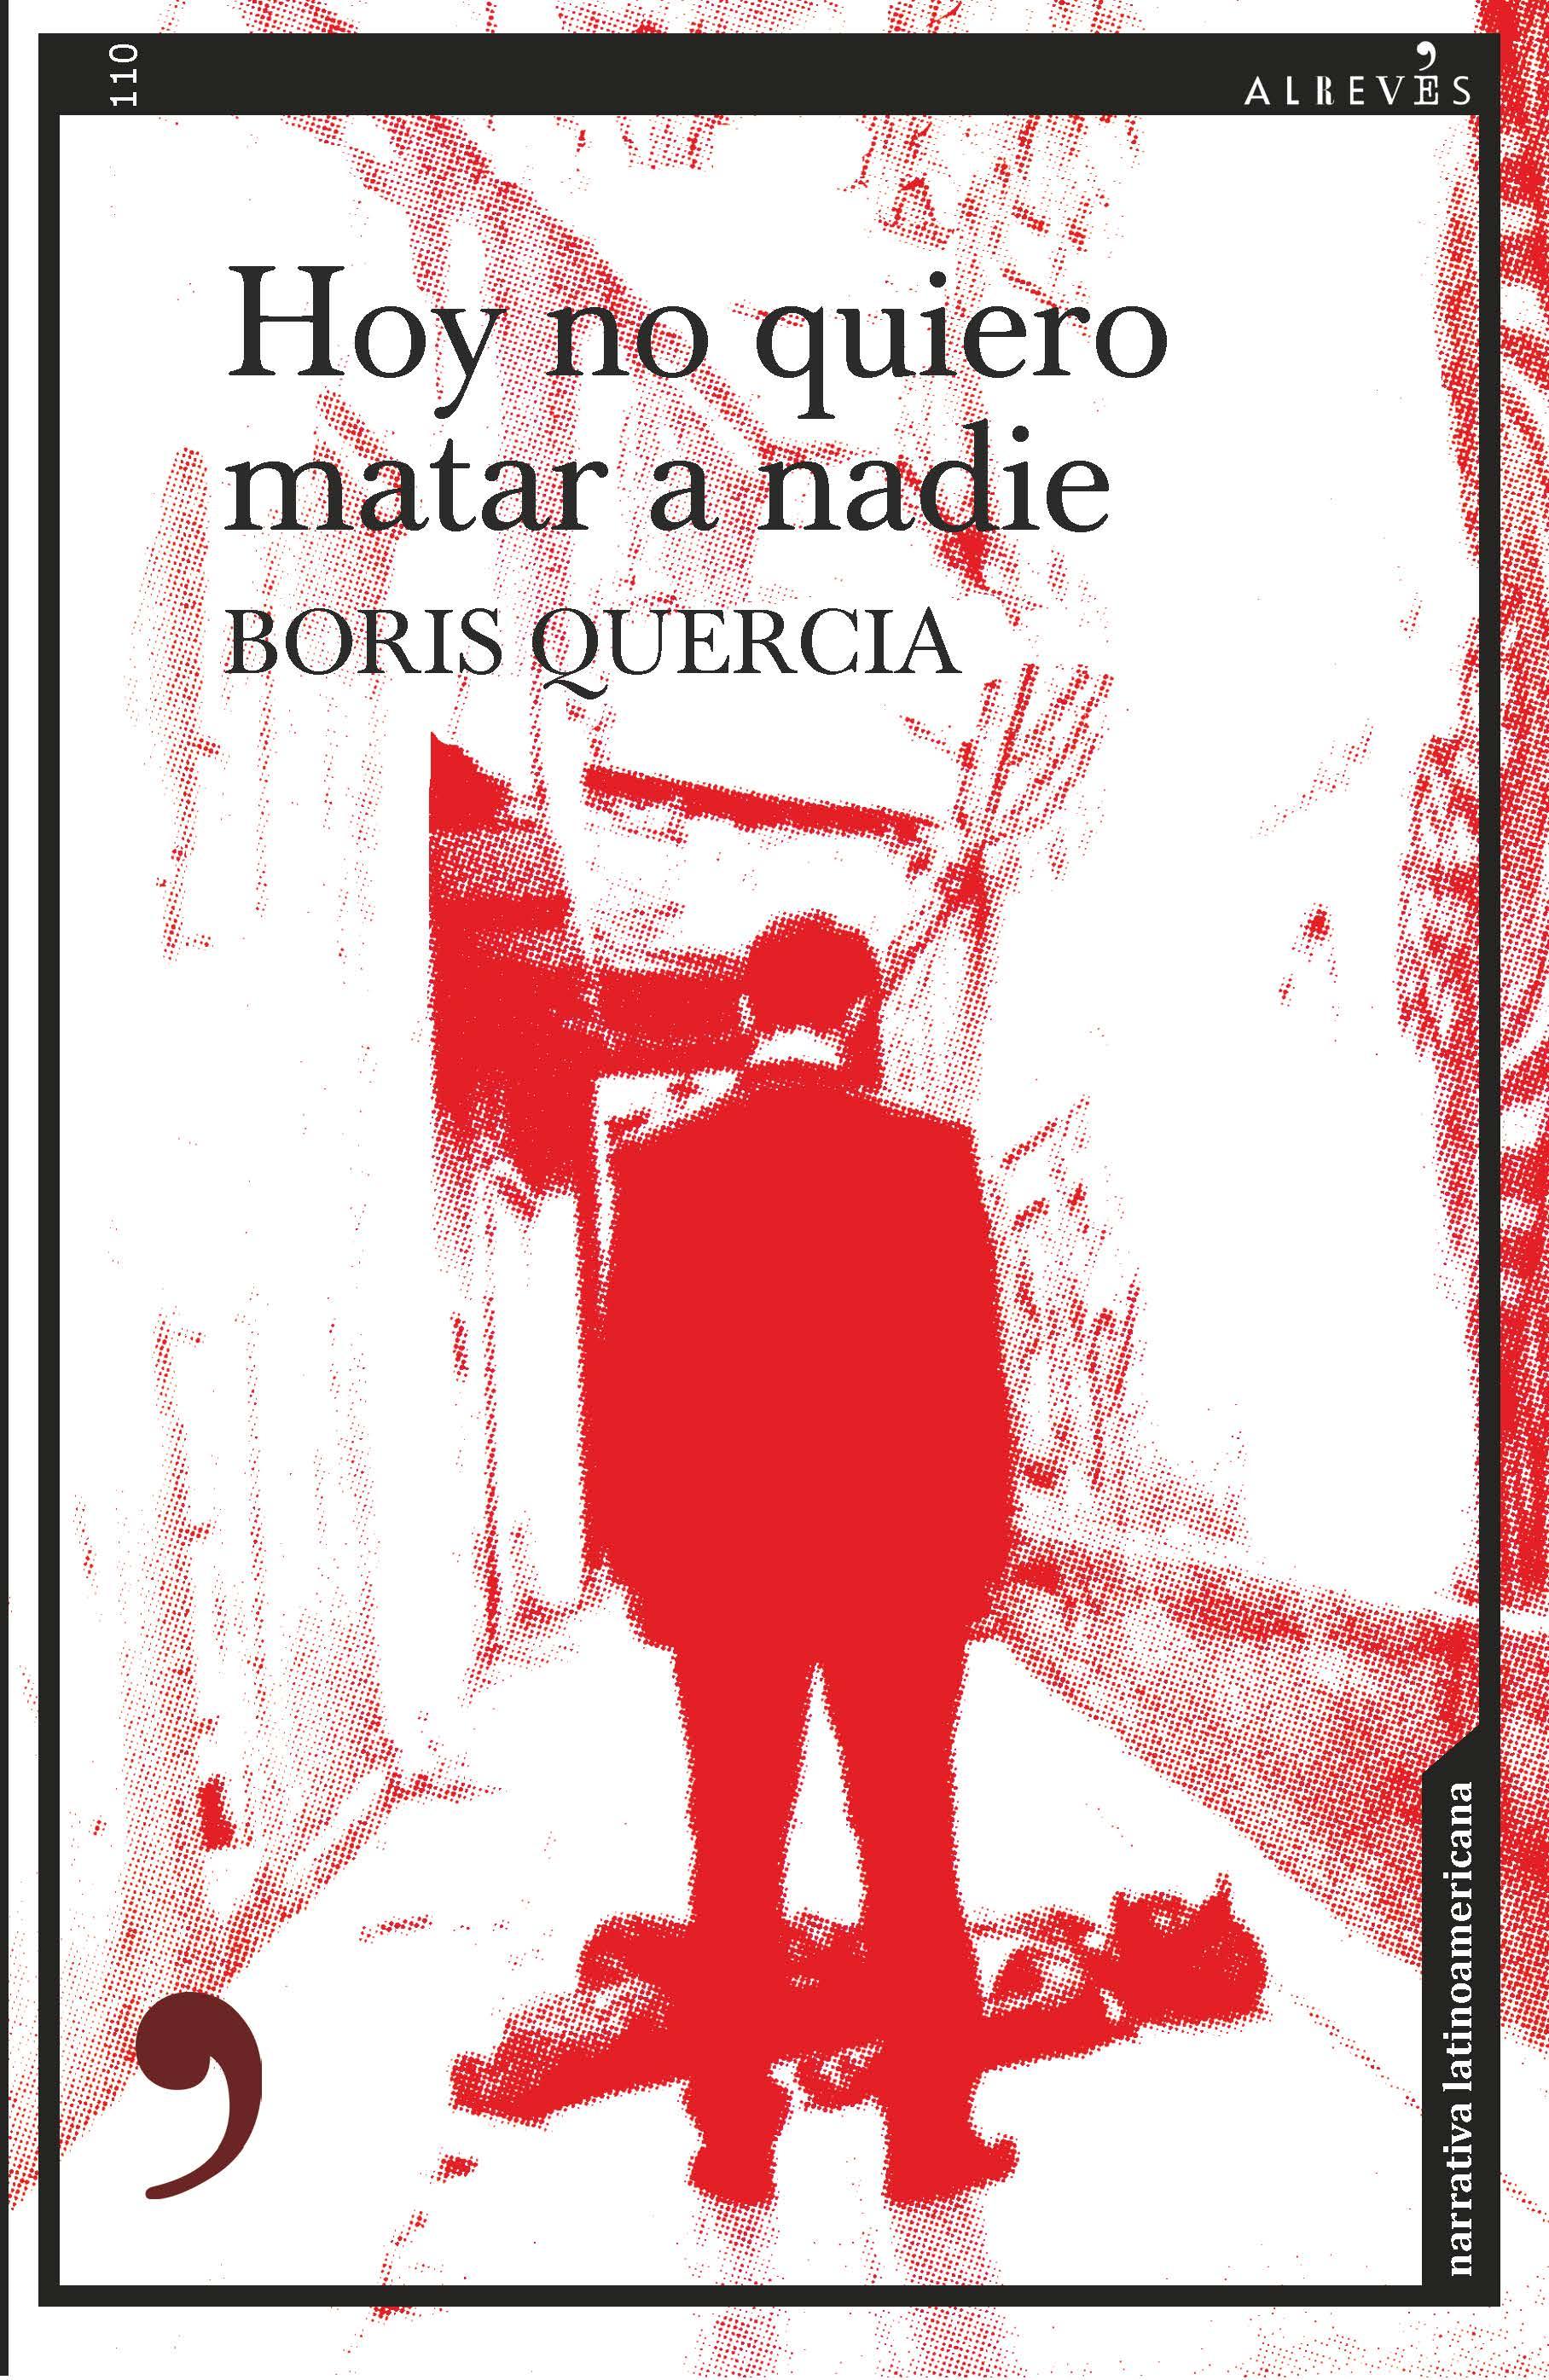 Hoy no quiero matar a nadie, de Boris Quercia, publicada por Alrevés